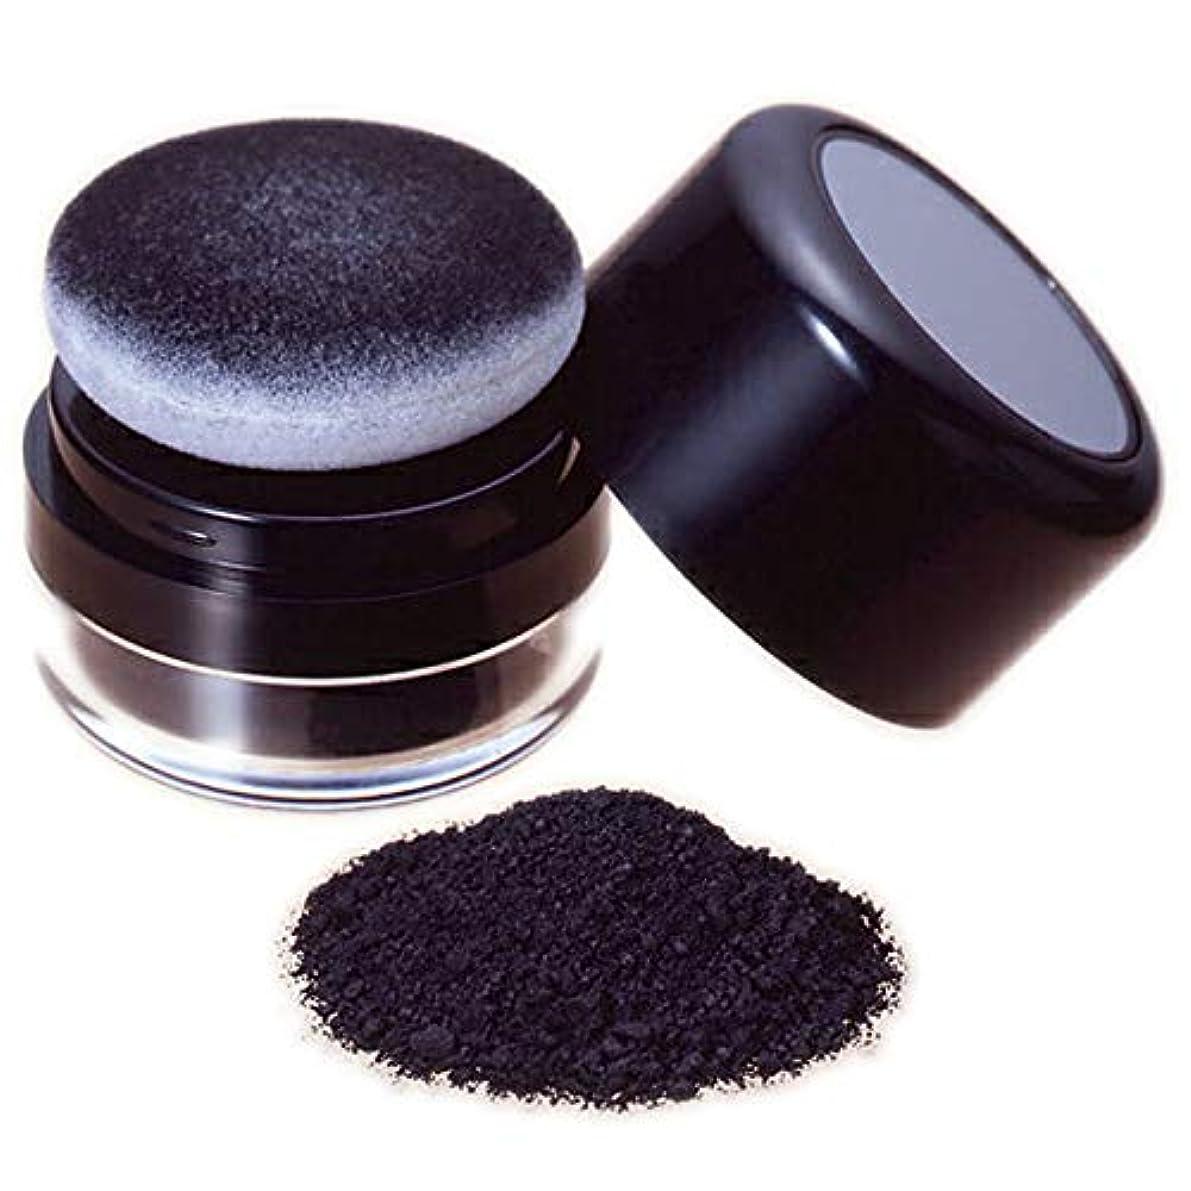 部屋を掃除するメロディアス馬力薄毛部分にミクロの粉でハゲ隠の黒い粉し【ヘ ア ー フ ァ ン デ ー シ ョ ン (黒色)